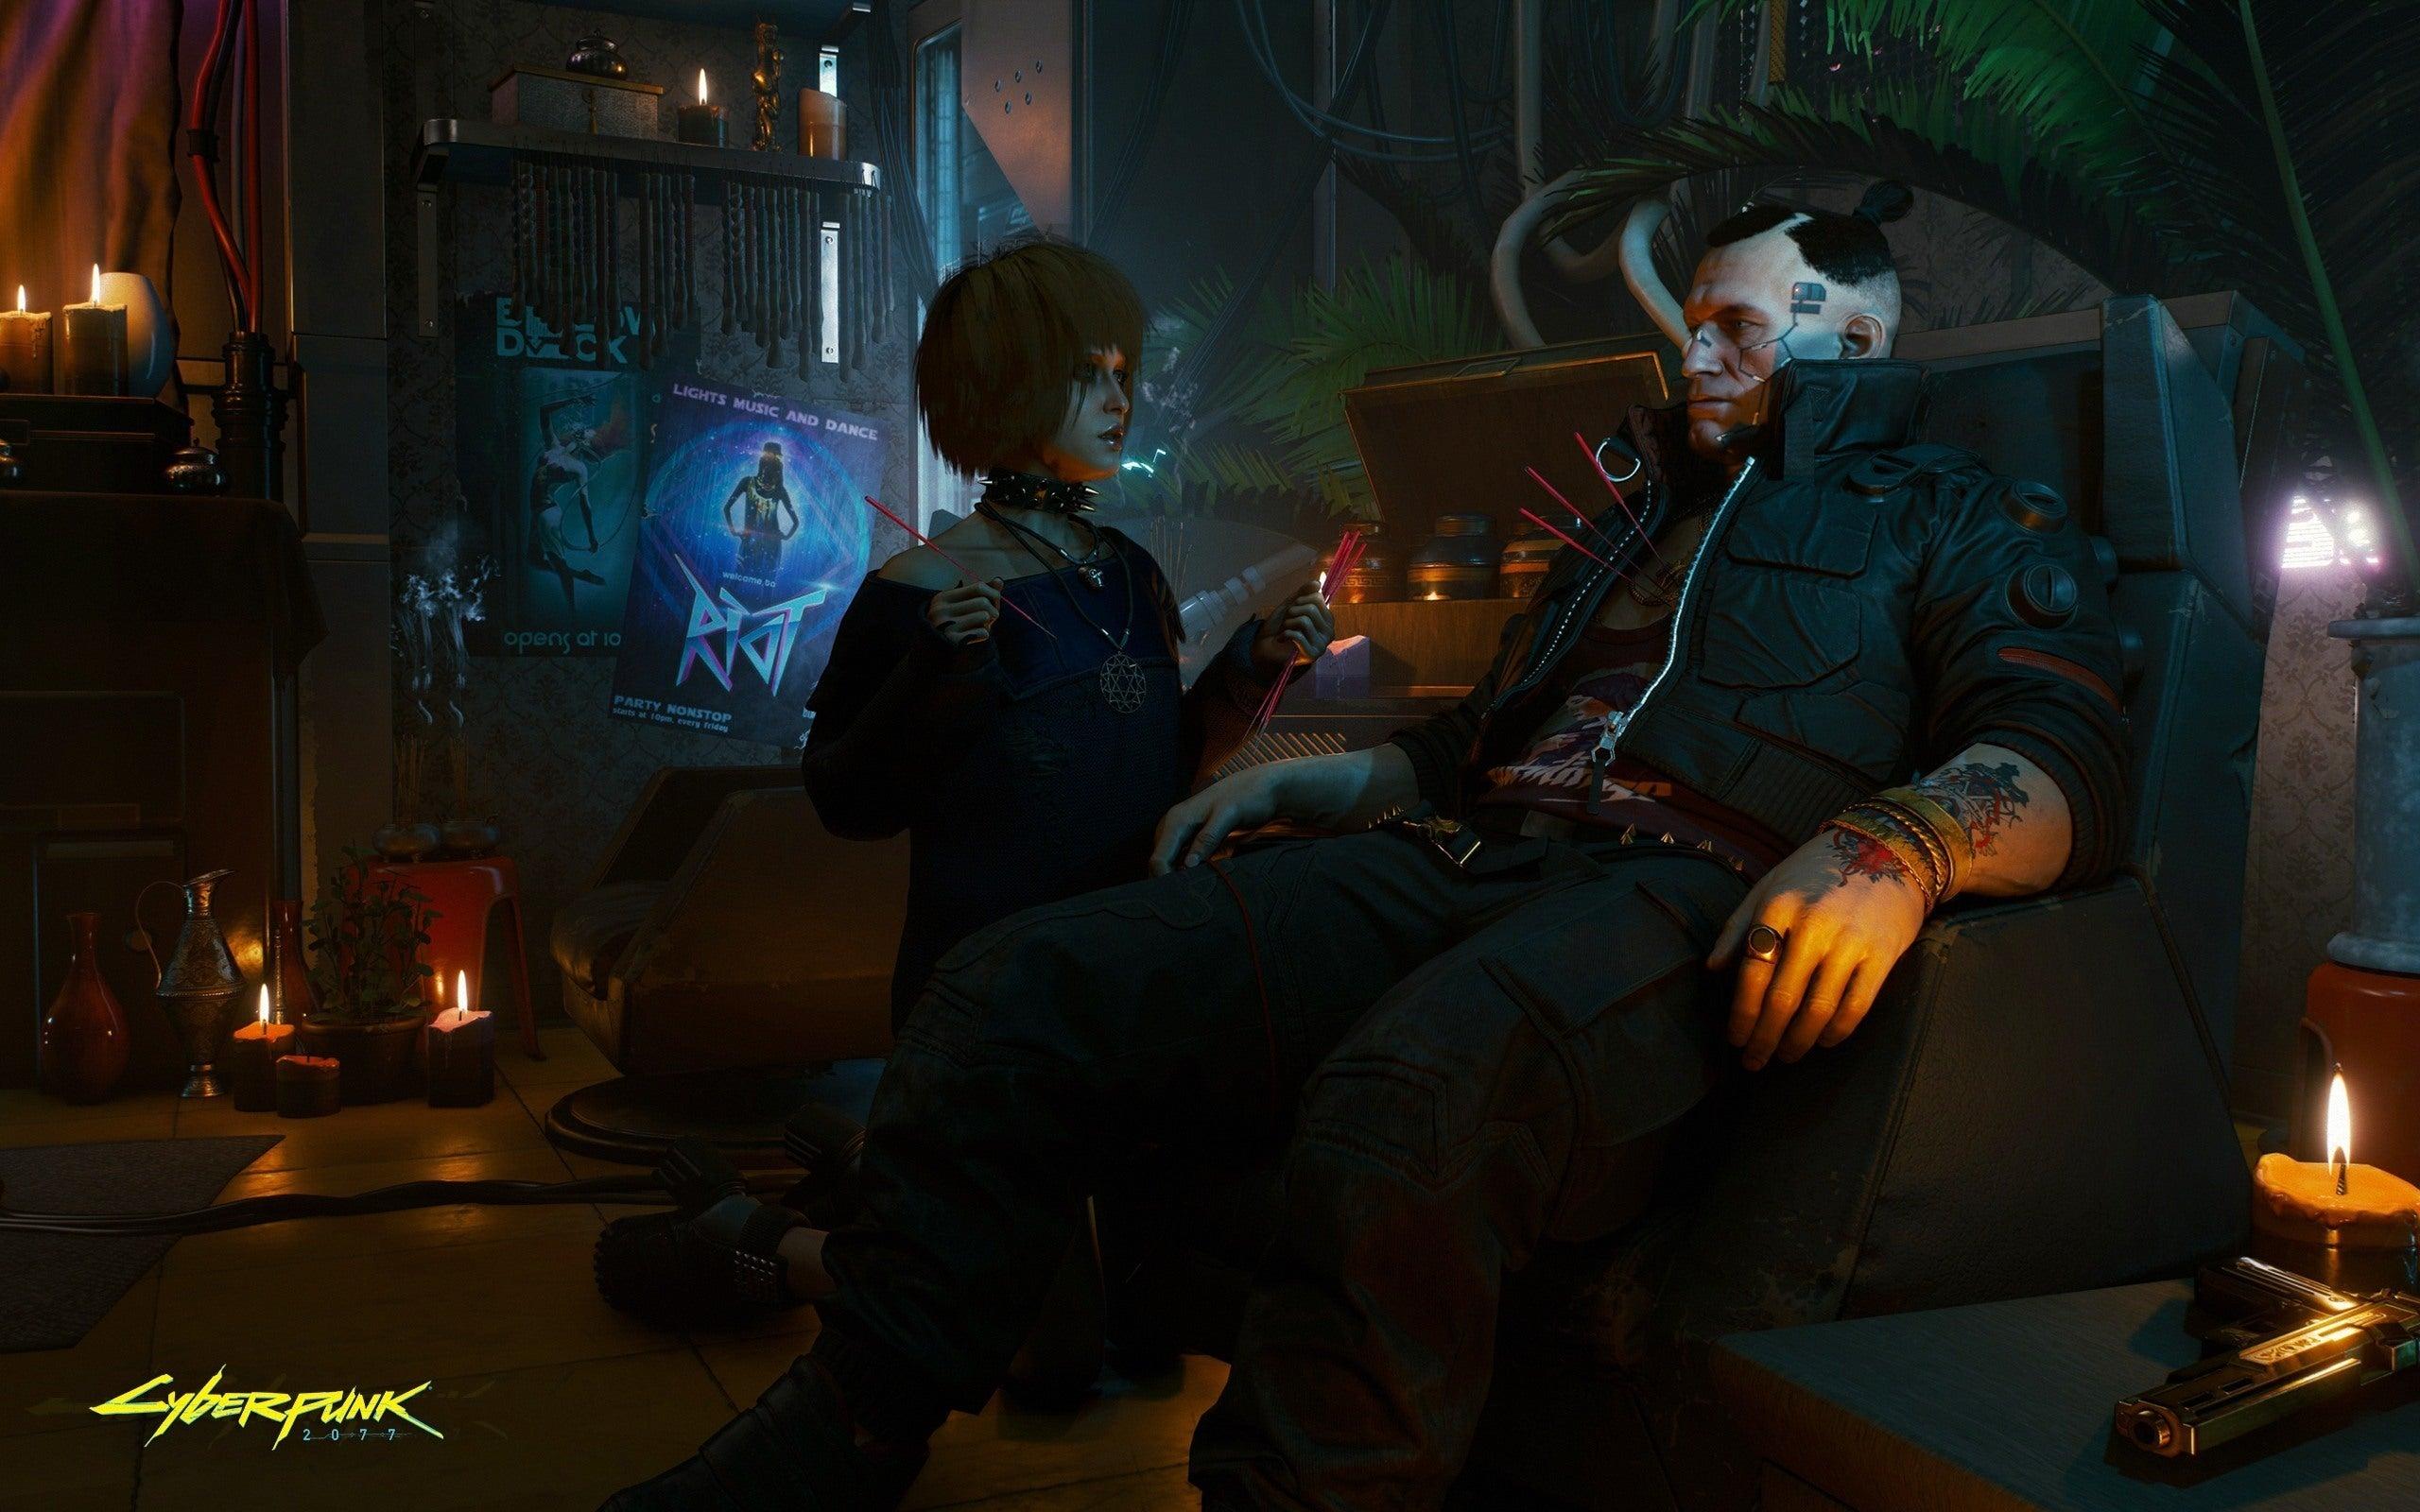 cyberpunk 2077 photos wallpaper 68941